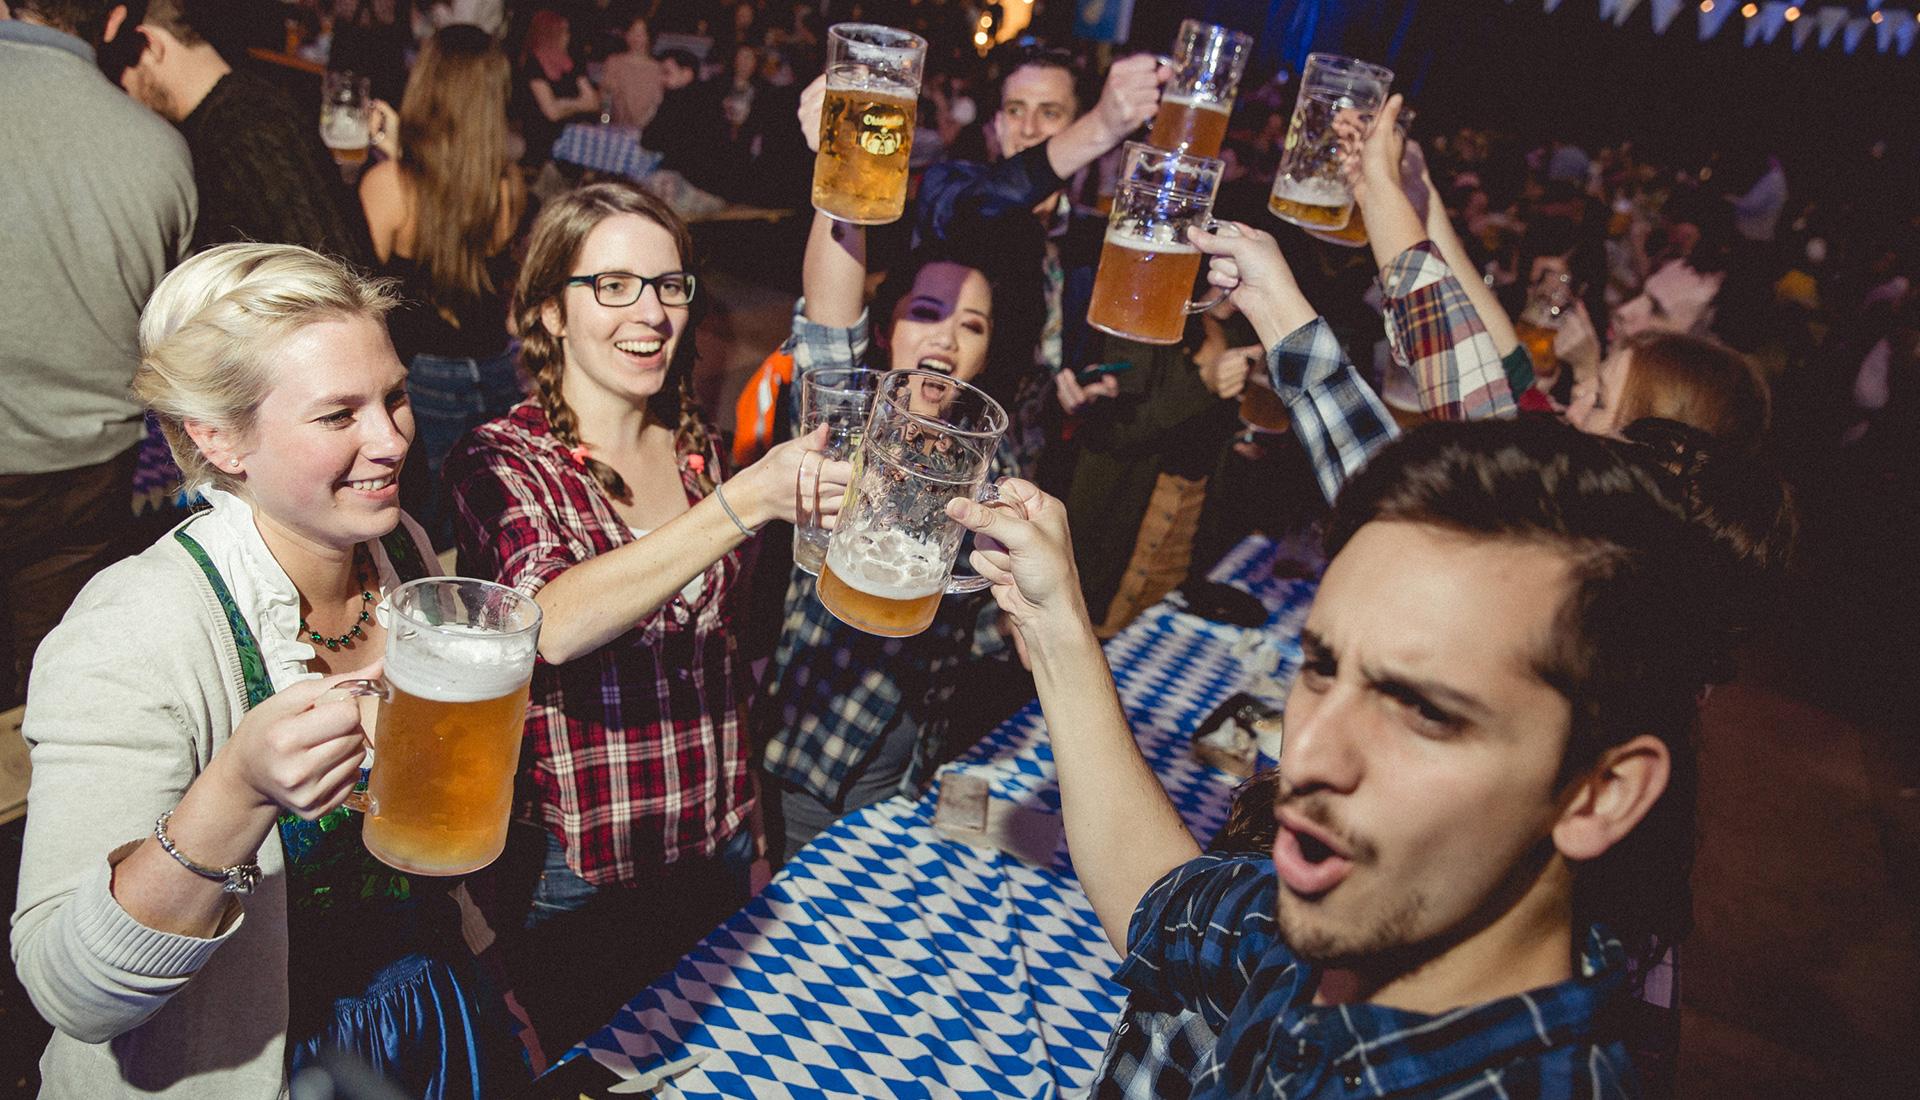 Milyen Németországban élni, milyenek a német emberek?